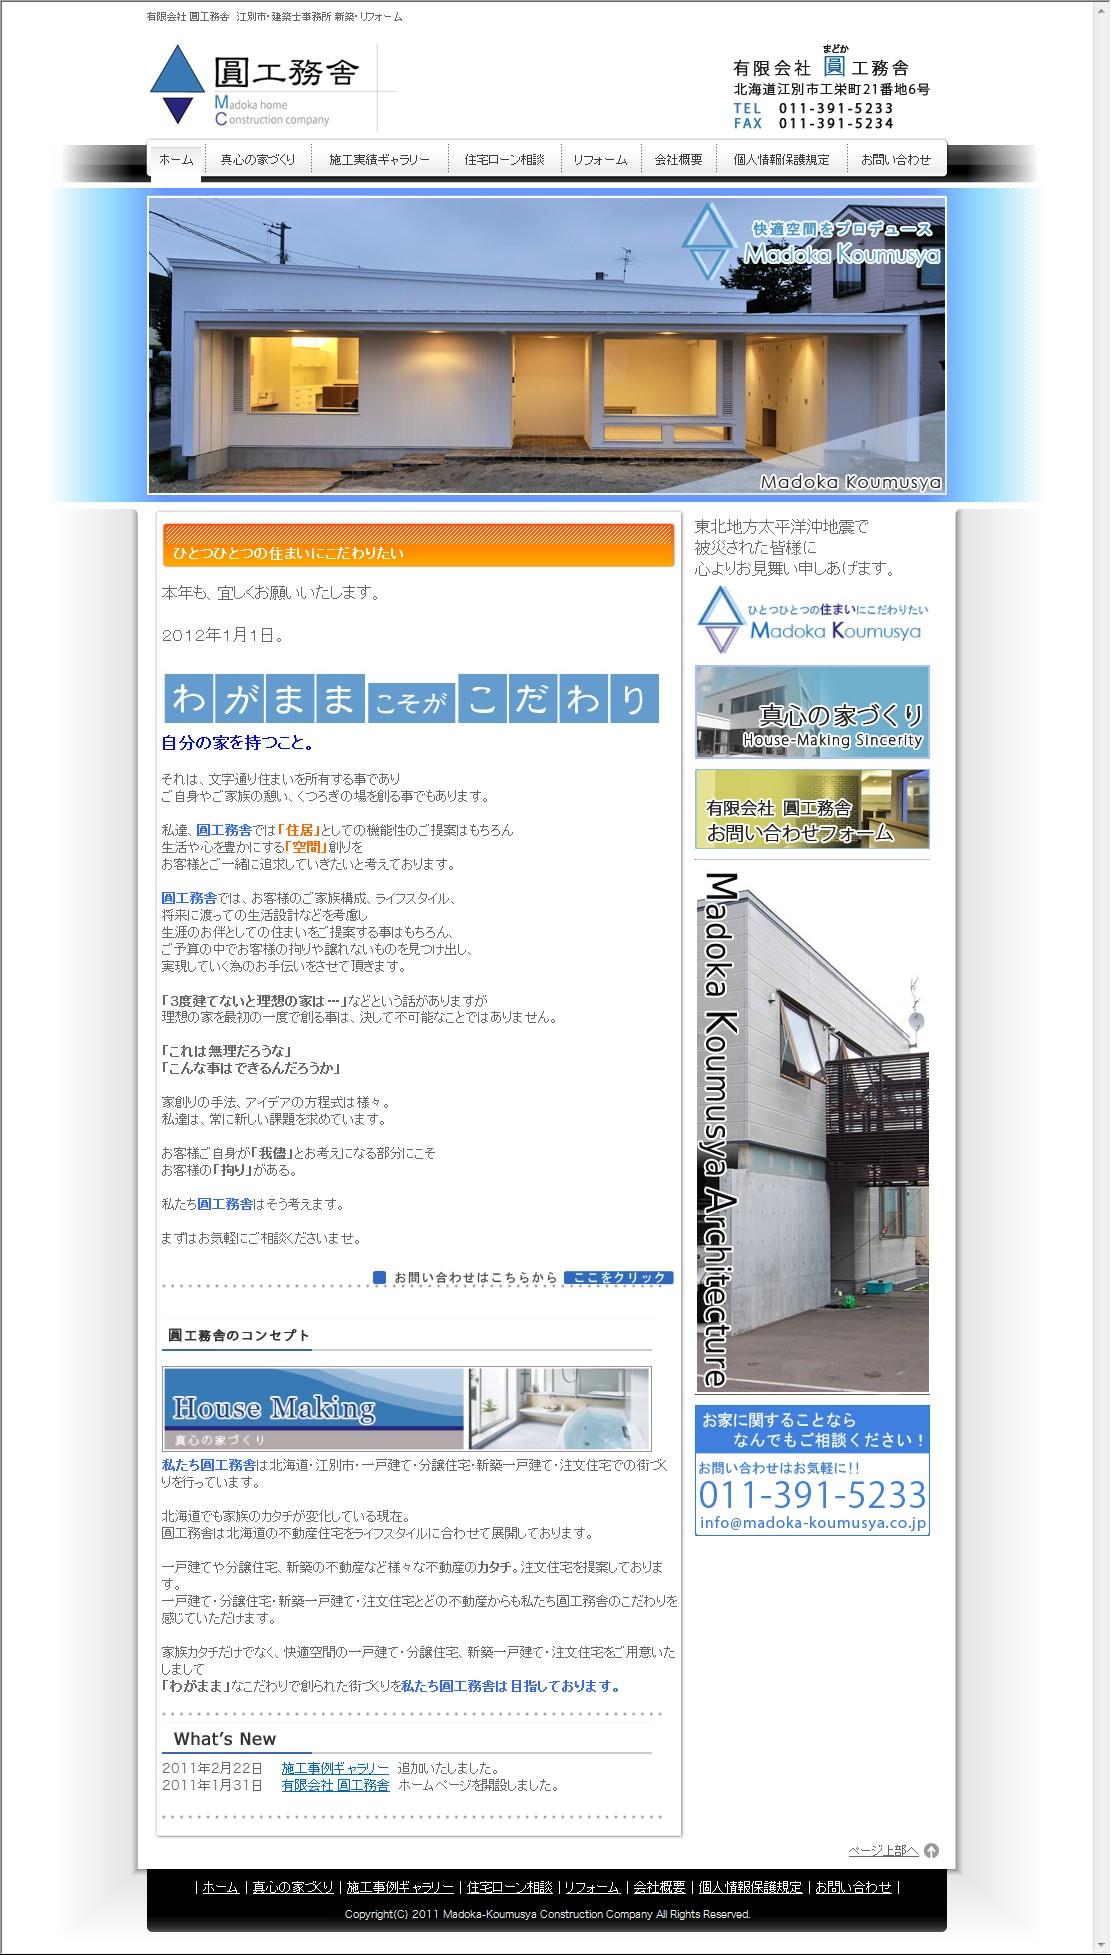 有限会社 圓工務舎(マドカコウムシャ)